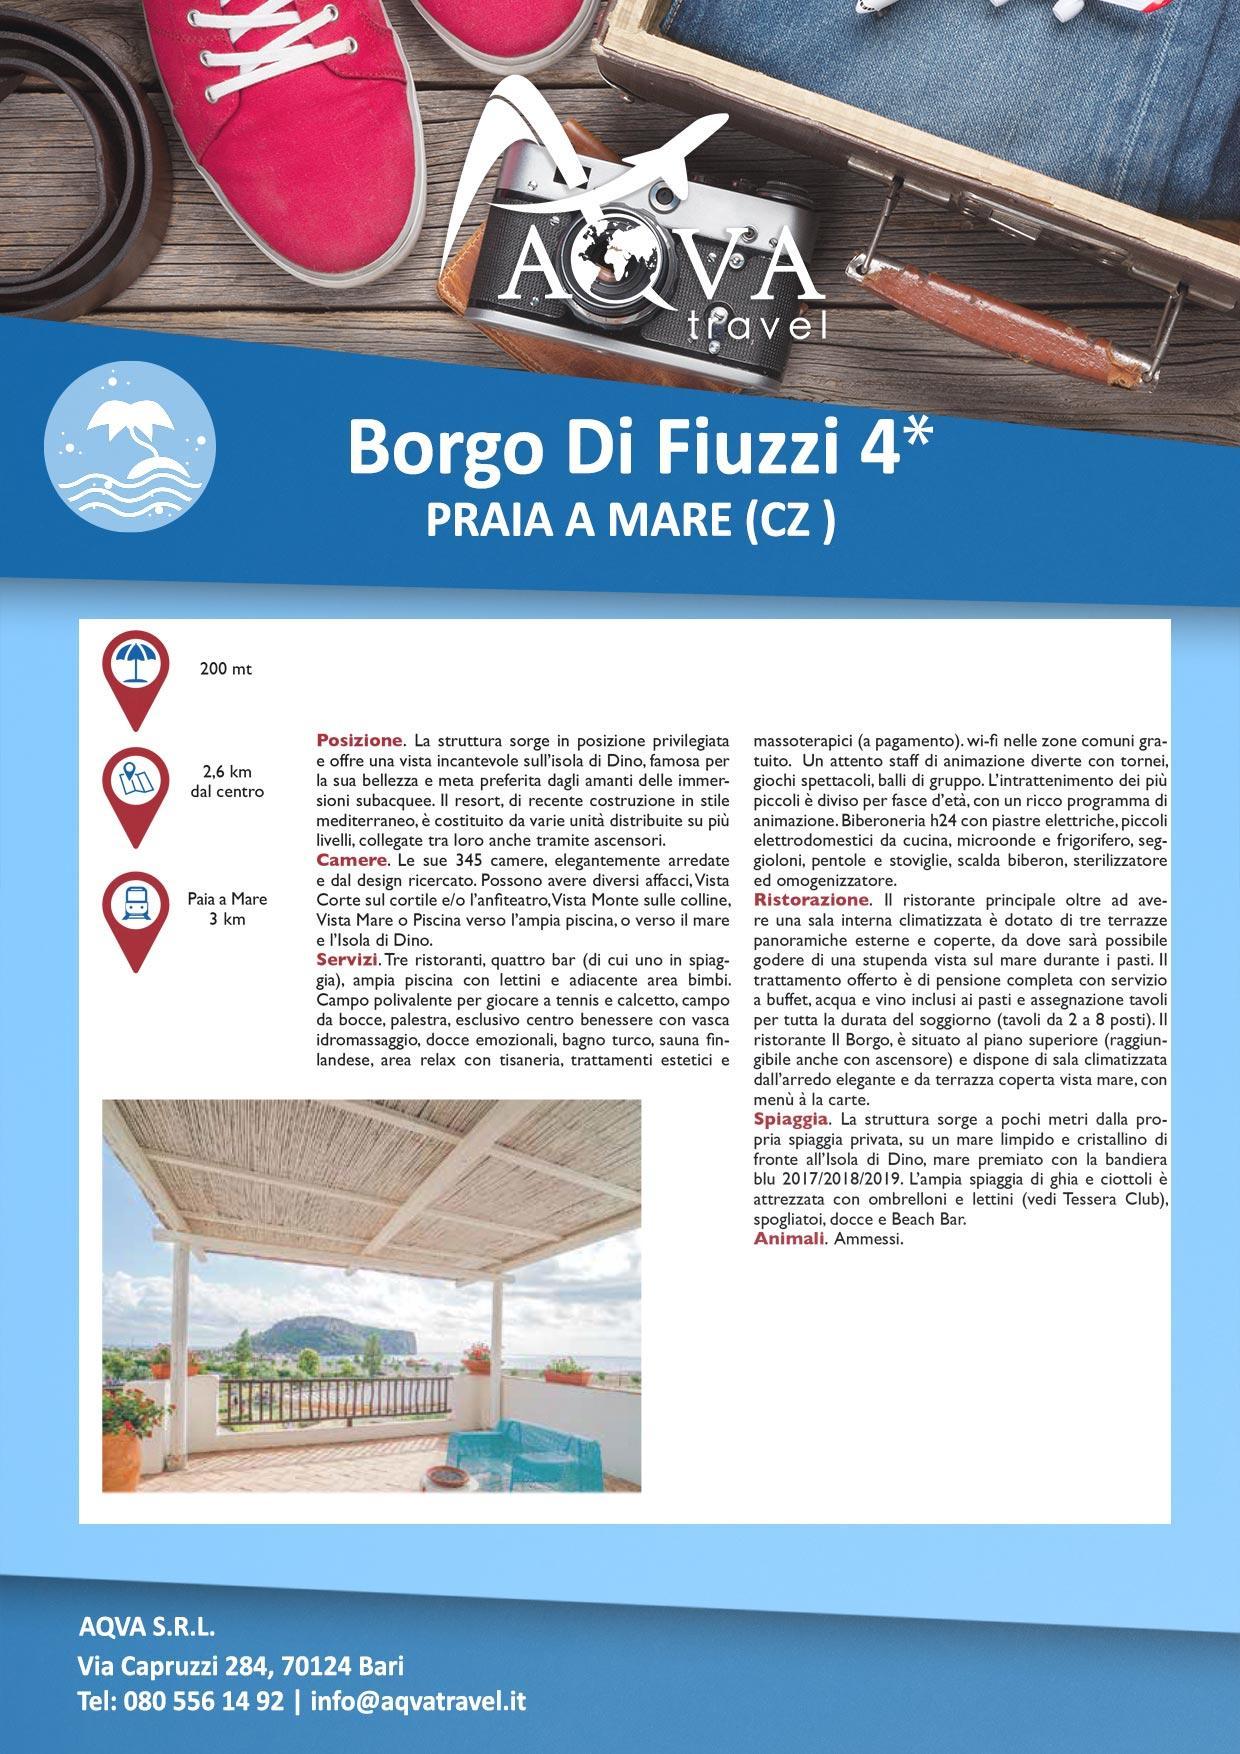 Borgo-Di-Fiuzzi-4✶PRAIA-A-MARE-(CZ-)-Mare-offerte-agenzia-di-viaggi-Bari-AQVATRAVEL-it